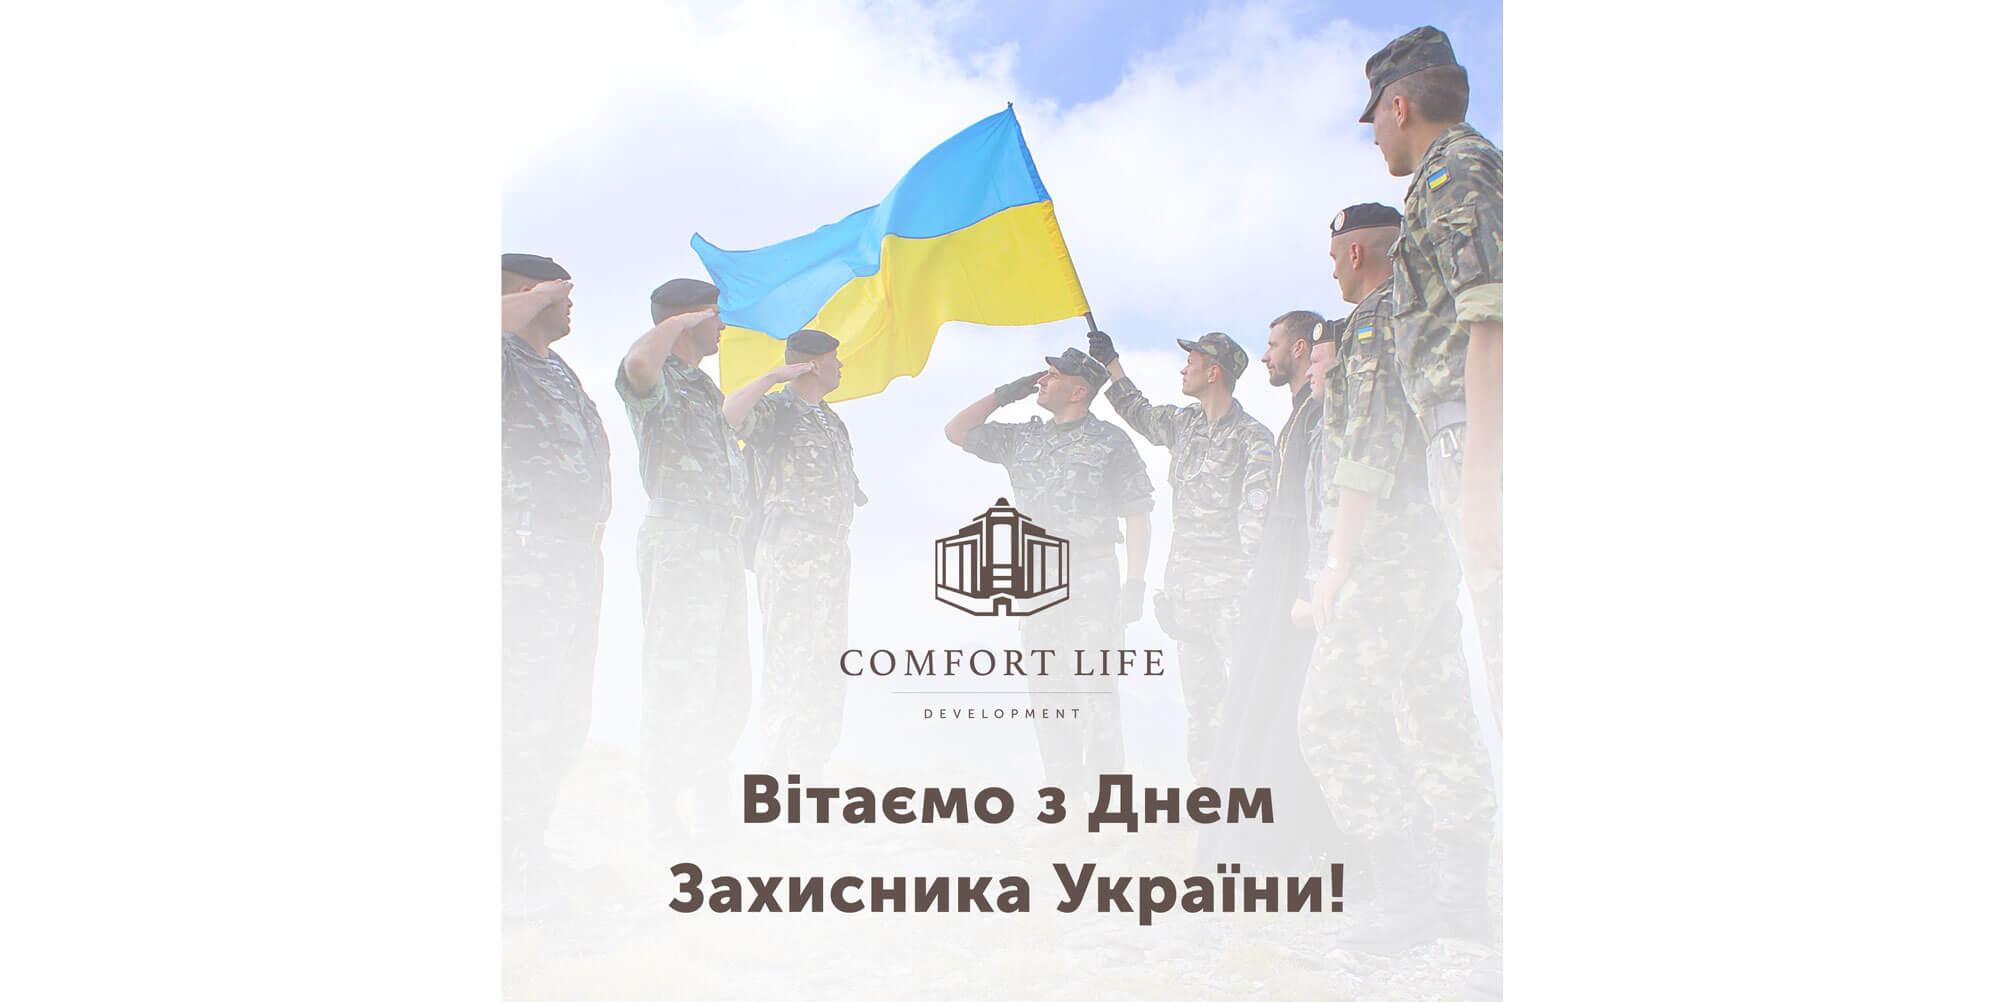 Comfort Life Development вітає з Днем захисника України!